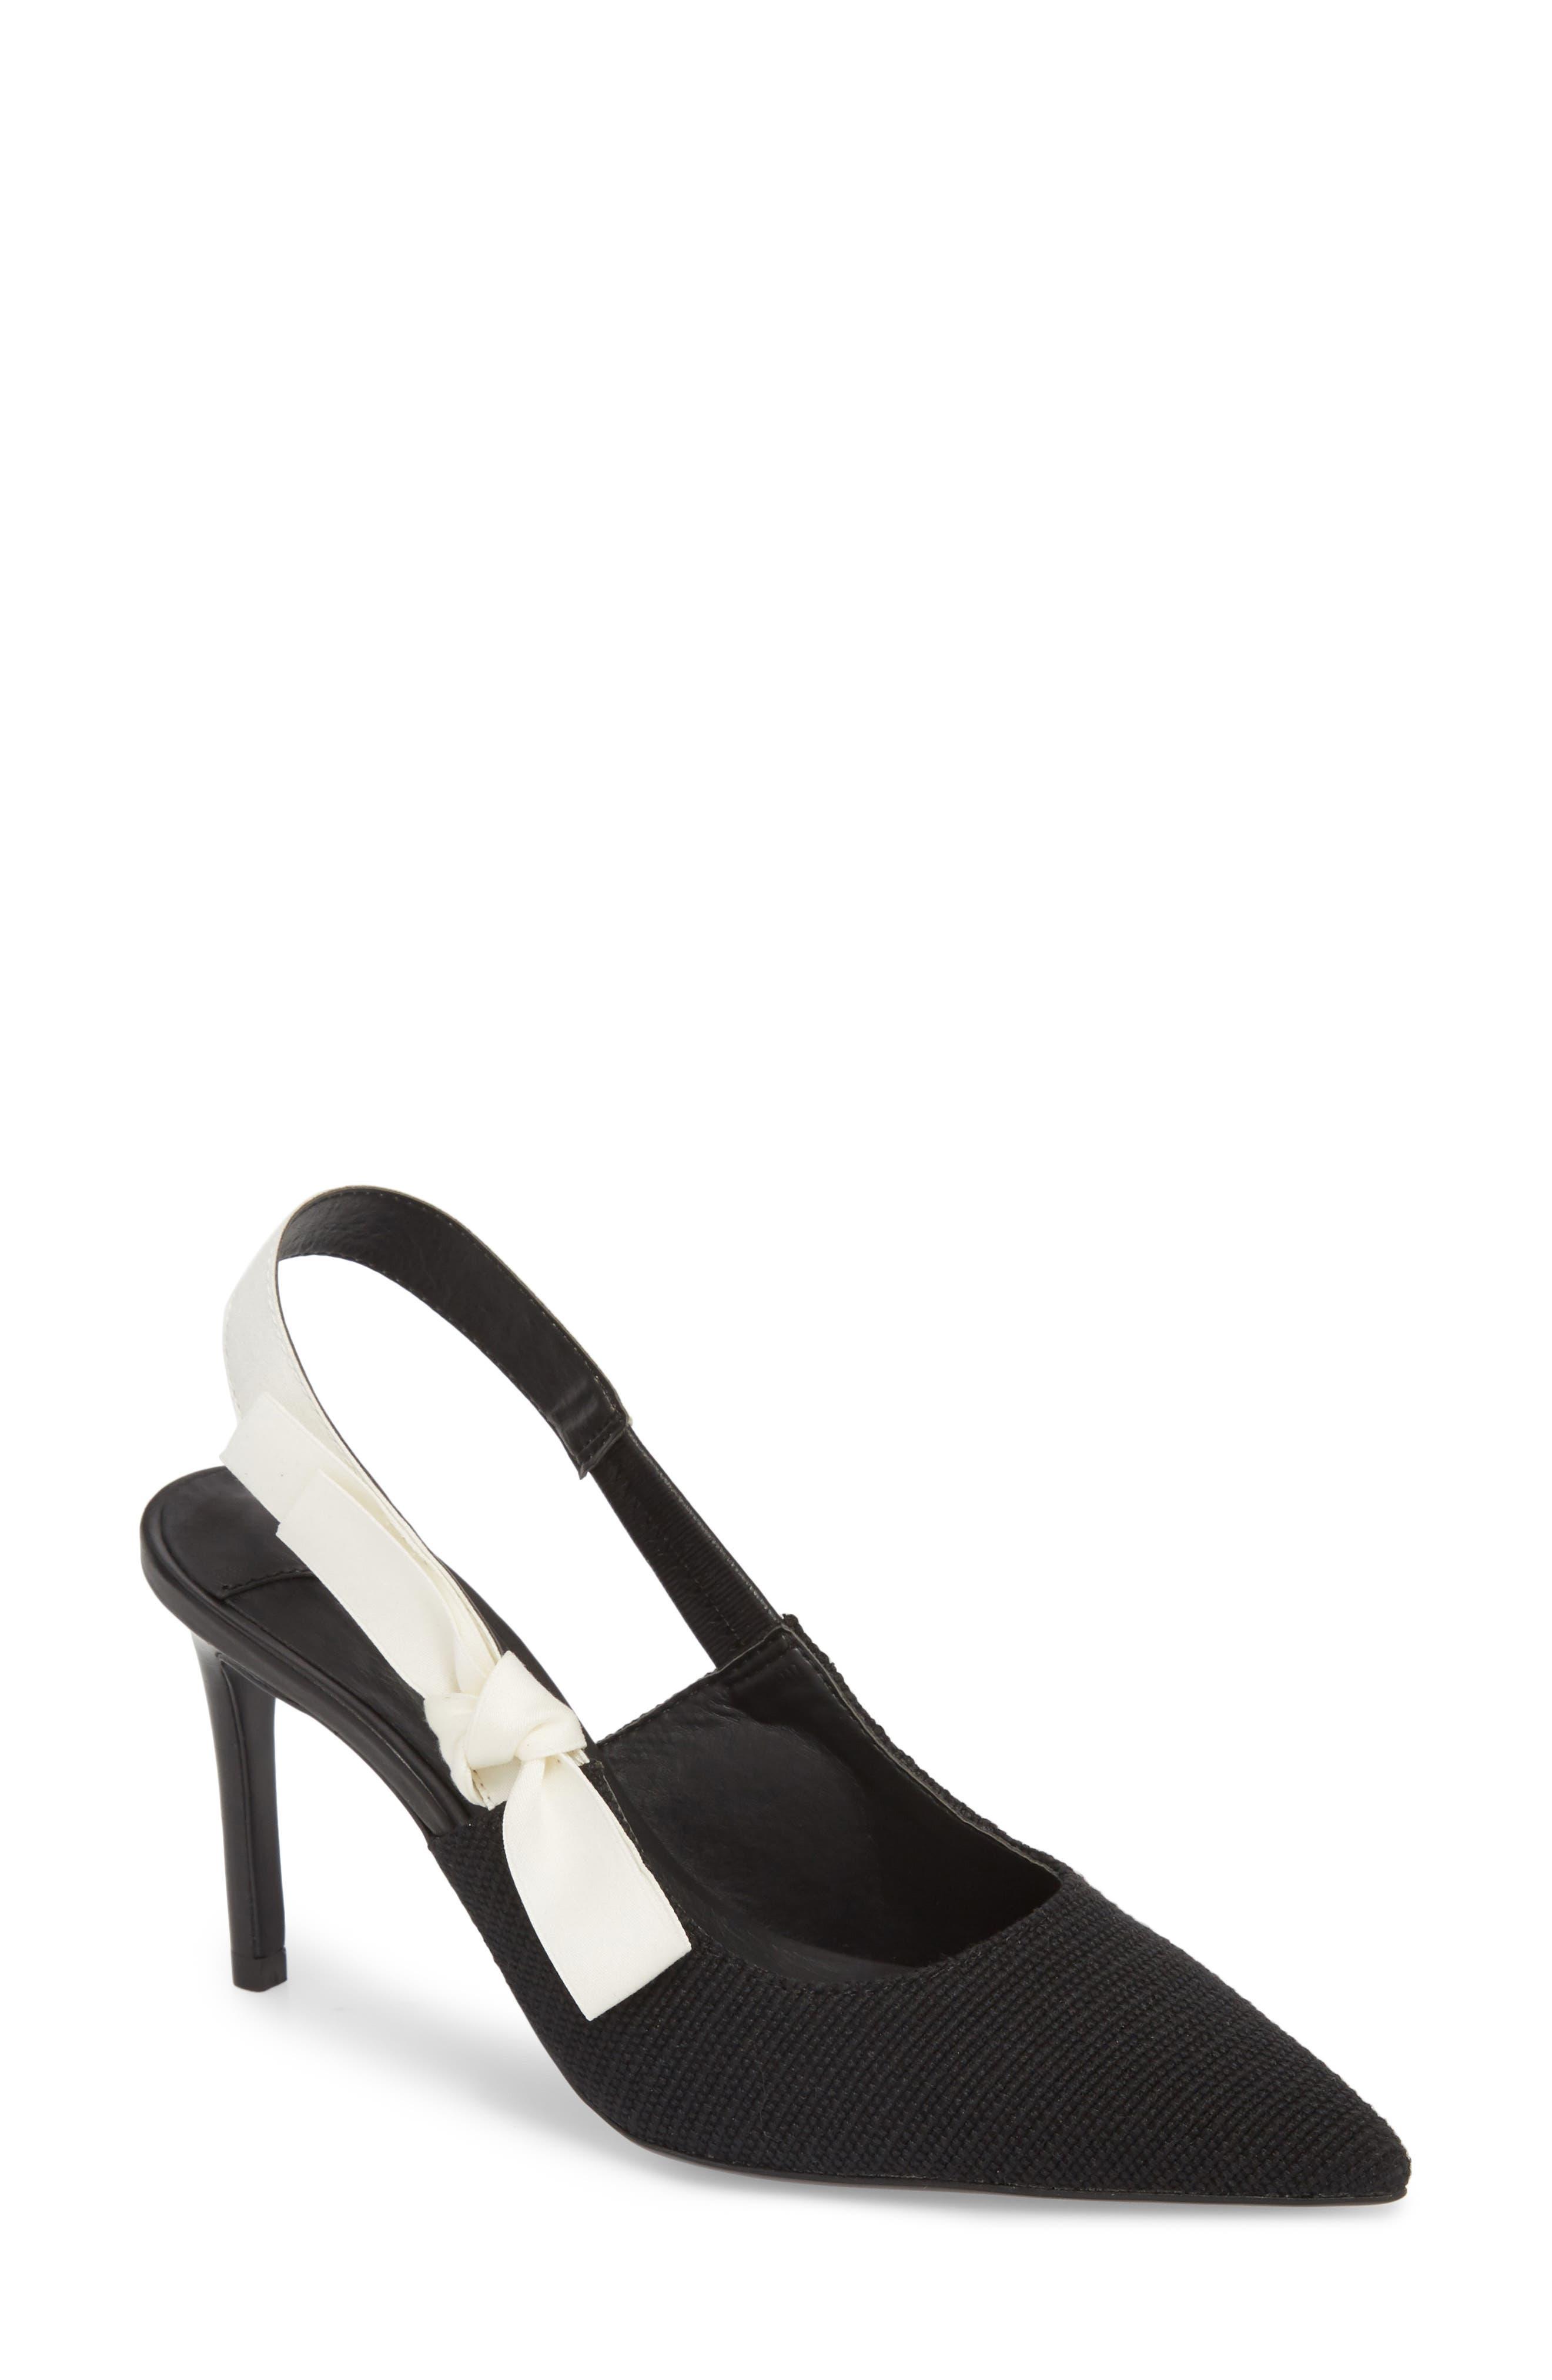 Evita Sandal,                             Main thumbnail 1, color,                             BLACK FABRIC